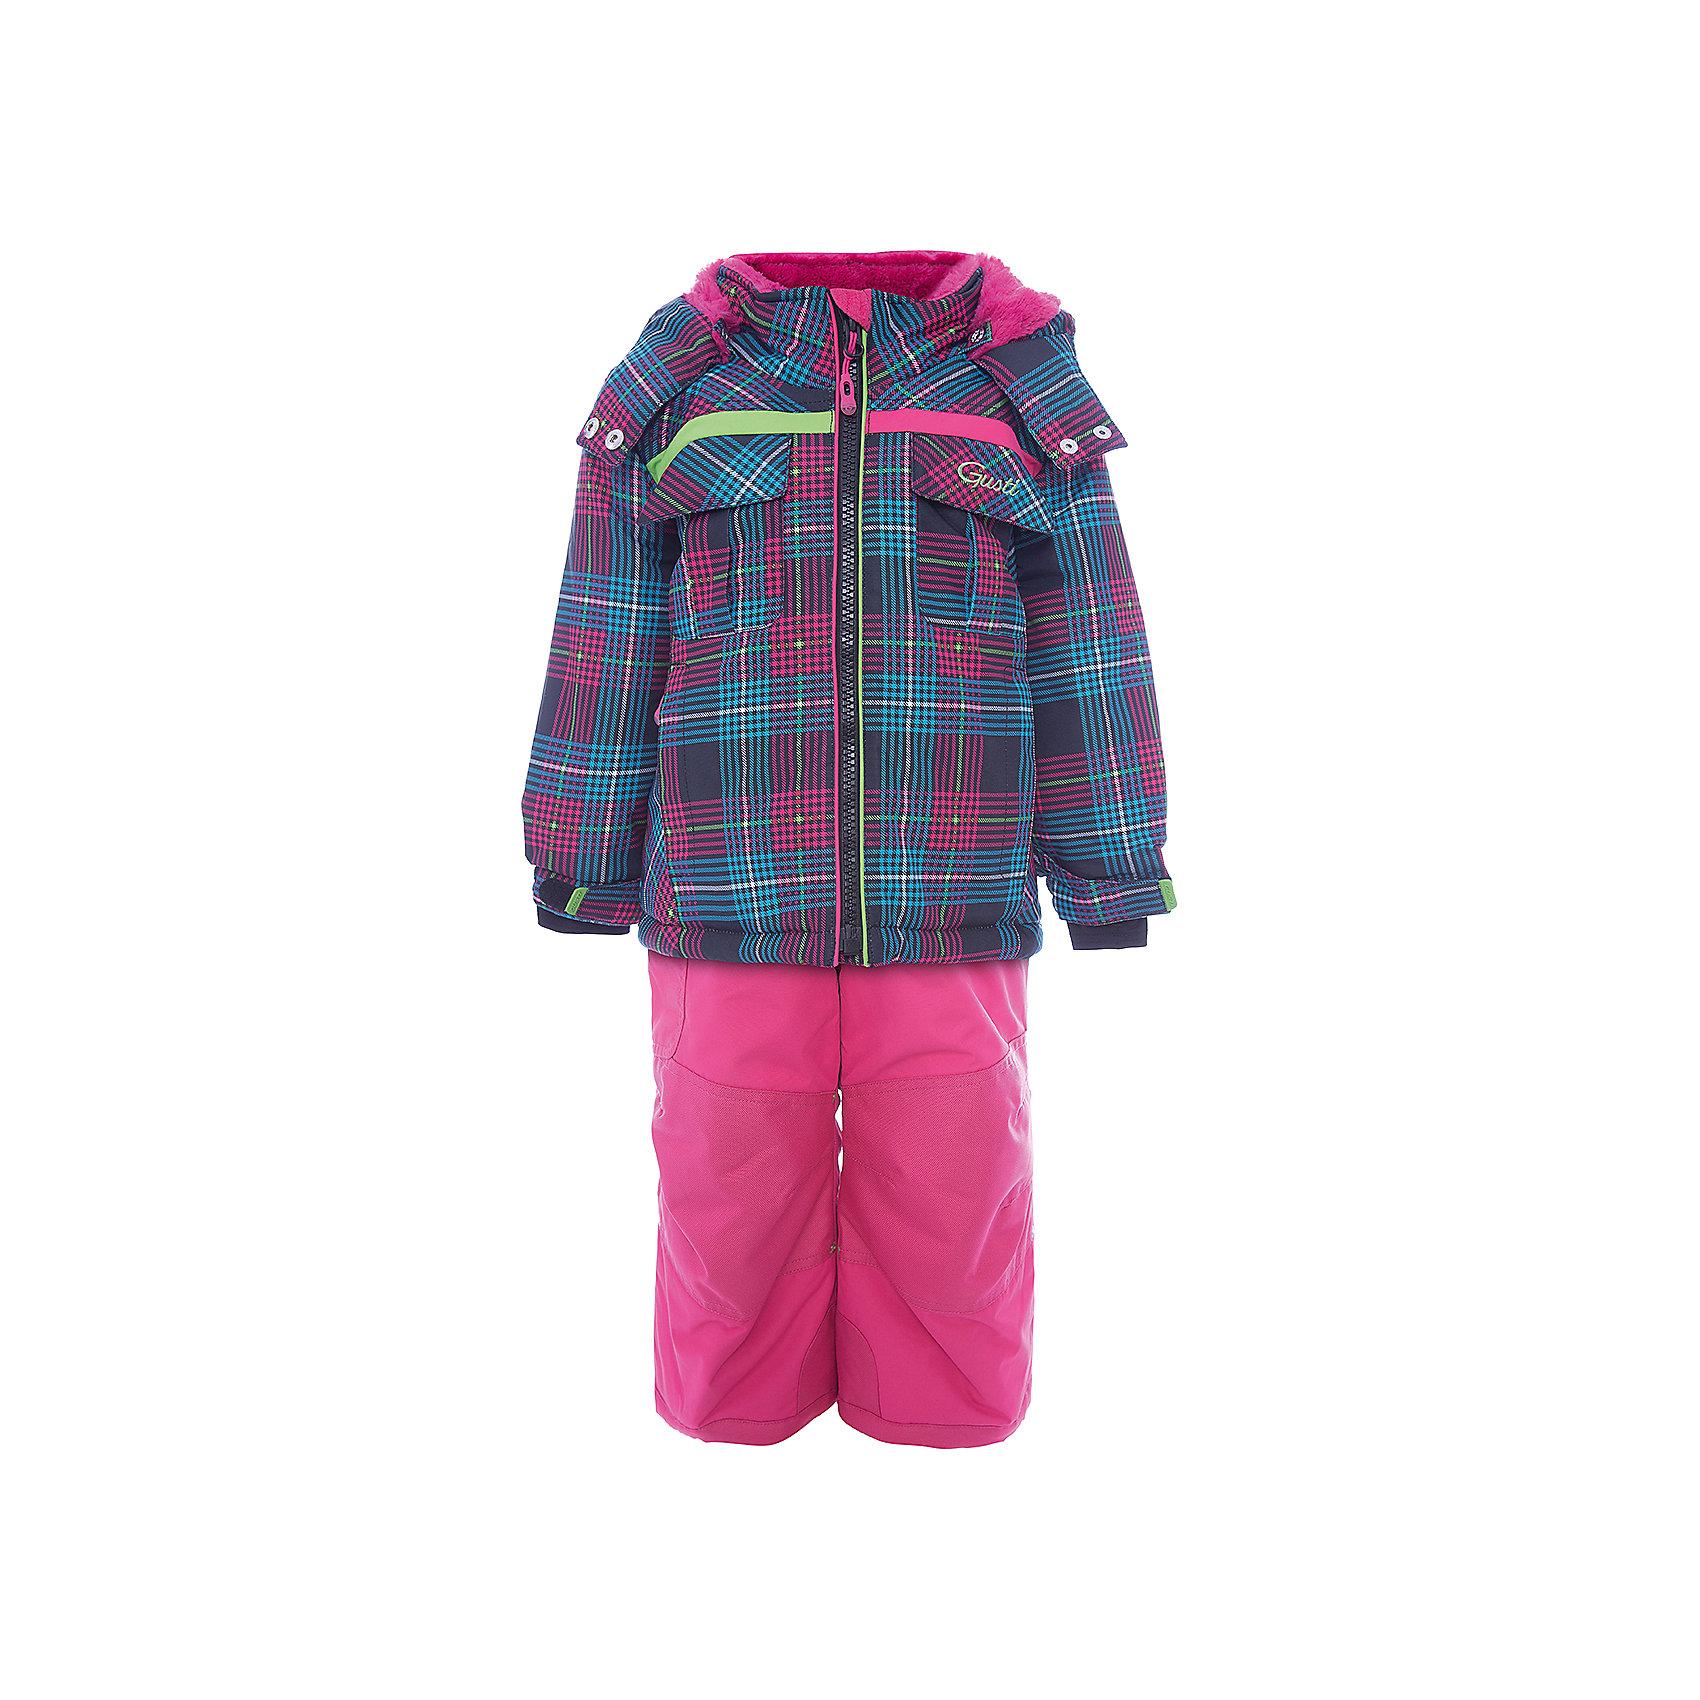 Комплект: куртка и полукомбинезон GUSTIВерхняя одежда<br>Комплект: куртка и полукомбинезон GUSTI (ГУСТИ) – это идеальный вариант для суровой зимы с сильными морозами.<br><br>Температурный режим: до -30  градусов. Степень утепления – высокая. <br><br>* Температурный режим указан приблизительно — необходимо, прежде всего, ориентироваться на ощущения ребенка. Температурный режим работает в случае соблюдения правила многослойности – использования флисовой поддевы и термобелья.<br><br>Комплект от GUSTI (ГУСТИ) состоит из куртки и полукомбинезона, выполненных из плотного непромокаемого материала с защитной от влаги мембраной 5000 мм. Тань хорошо сохраняет тепло, отталкивает влагу и позволяет коже ребенка дышать. Утеплитель из тек-полифилла и флисовая внутренняя отделка на груди и на спинке дают возможность использовать комплект при очень низких температурах. Куртка застегивается на молнию, имеет два внешних кармана на молнии с внутренним карабином, два нагрудных кармана с клапаном на липучке, два внутренних кармана без застежки, воротник-стойку, снегозащитную юбку, трикотажные манжеты в рукавах, отстёгивающийся капюшон с подкладкой из искусственного меха. Низ рукавов регулируется с помощью липучек. Полукомбинезон застегивается на молнию, имеет накладной карман с клапаном на липучке, регулируемые лямки, снегозащитные гетры. Длина брючин регулируется (отворот с креплением на липе). Сзади, на коленях, и по низу брючин имеется дополнительный слой ткани Cordura Oxford (сверхстойкий полиэстер). До размера 6х (120 см) у полукомбинезона высокая грудка, в размерах 7 (122 см) - 14 (164см) отстегивающаяся спинка, грудки нет.<br><br>Дополнительная информация:<br><br>- Сезон: зима<br>- Пол: девочка<br>- Цвет: черный, розовый<br>- Температурный режим до -30 градусов<br>- Материал верха: куртка - shuss 5000мм (100% полиэстер); брюки - taslan 5000мм, накладки Cordura Oxford сзади, на коленях, и по низу брючин<br>- Наполнитель: куртка - тек-полифилл плотностью 283 гр/м (10 унций) 100% пол